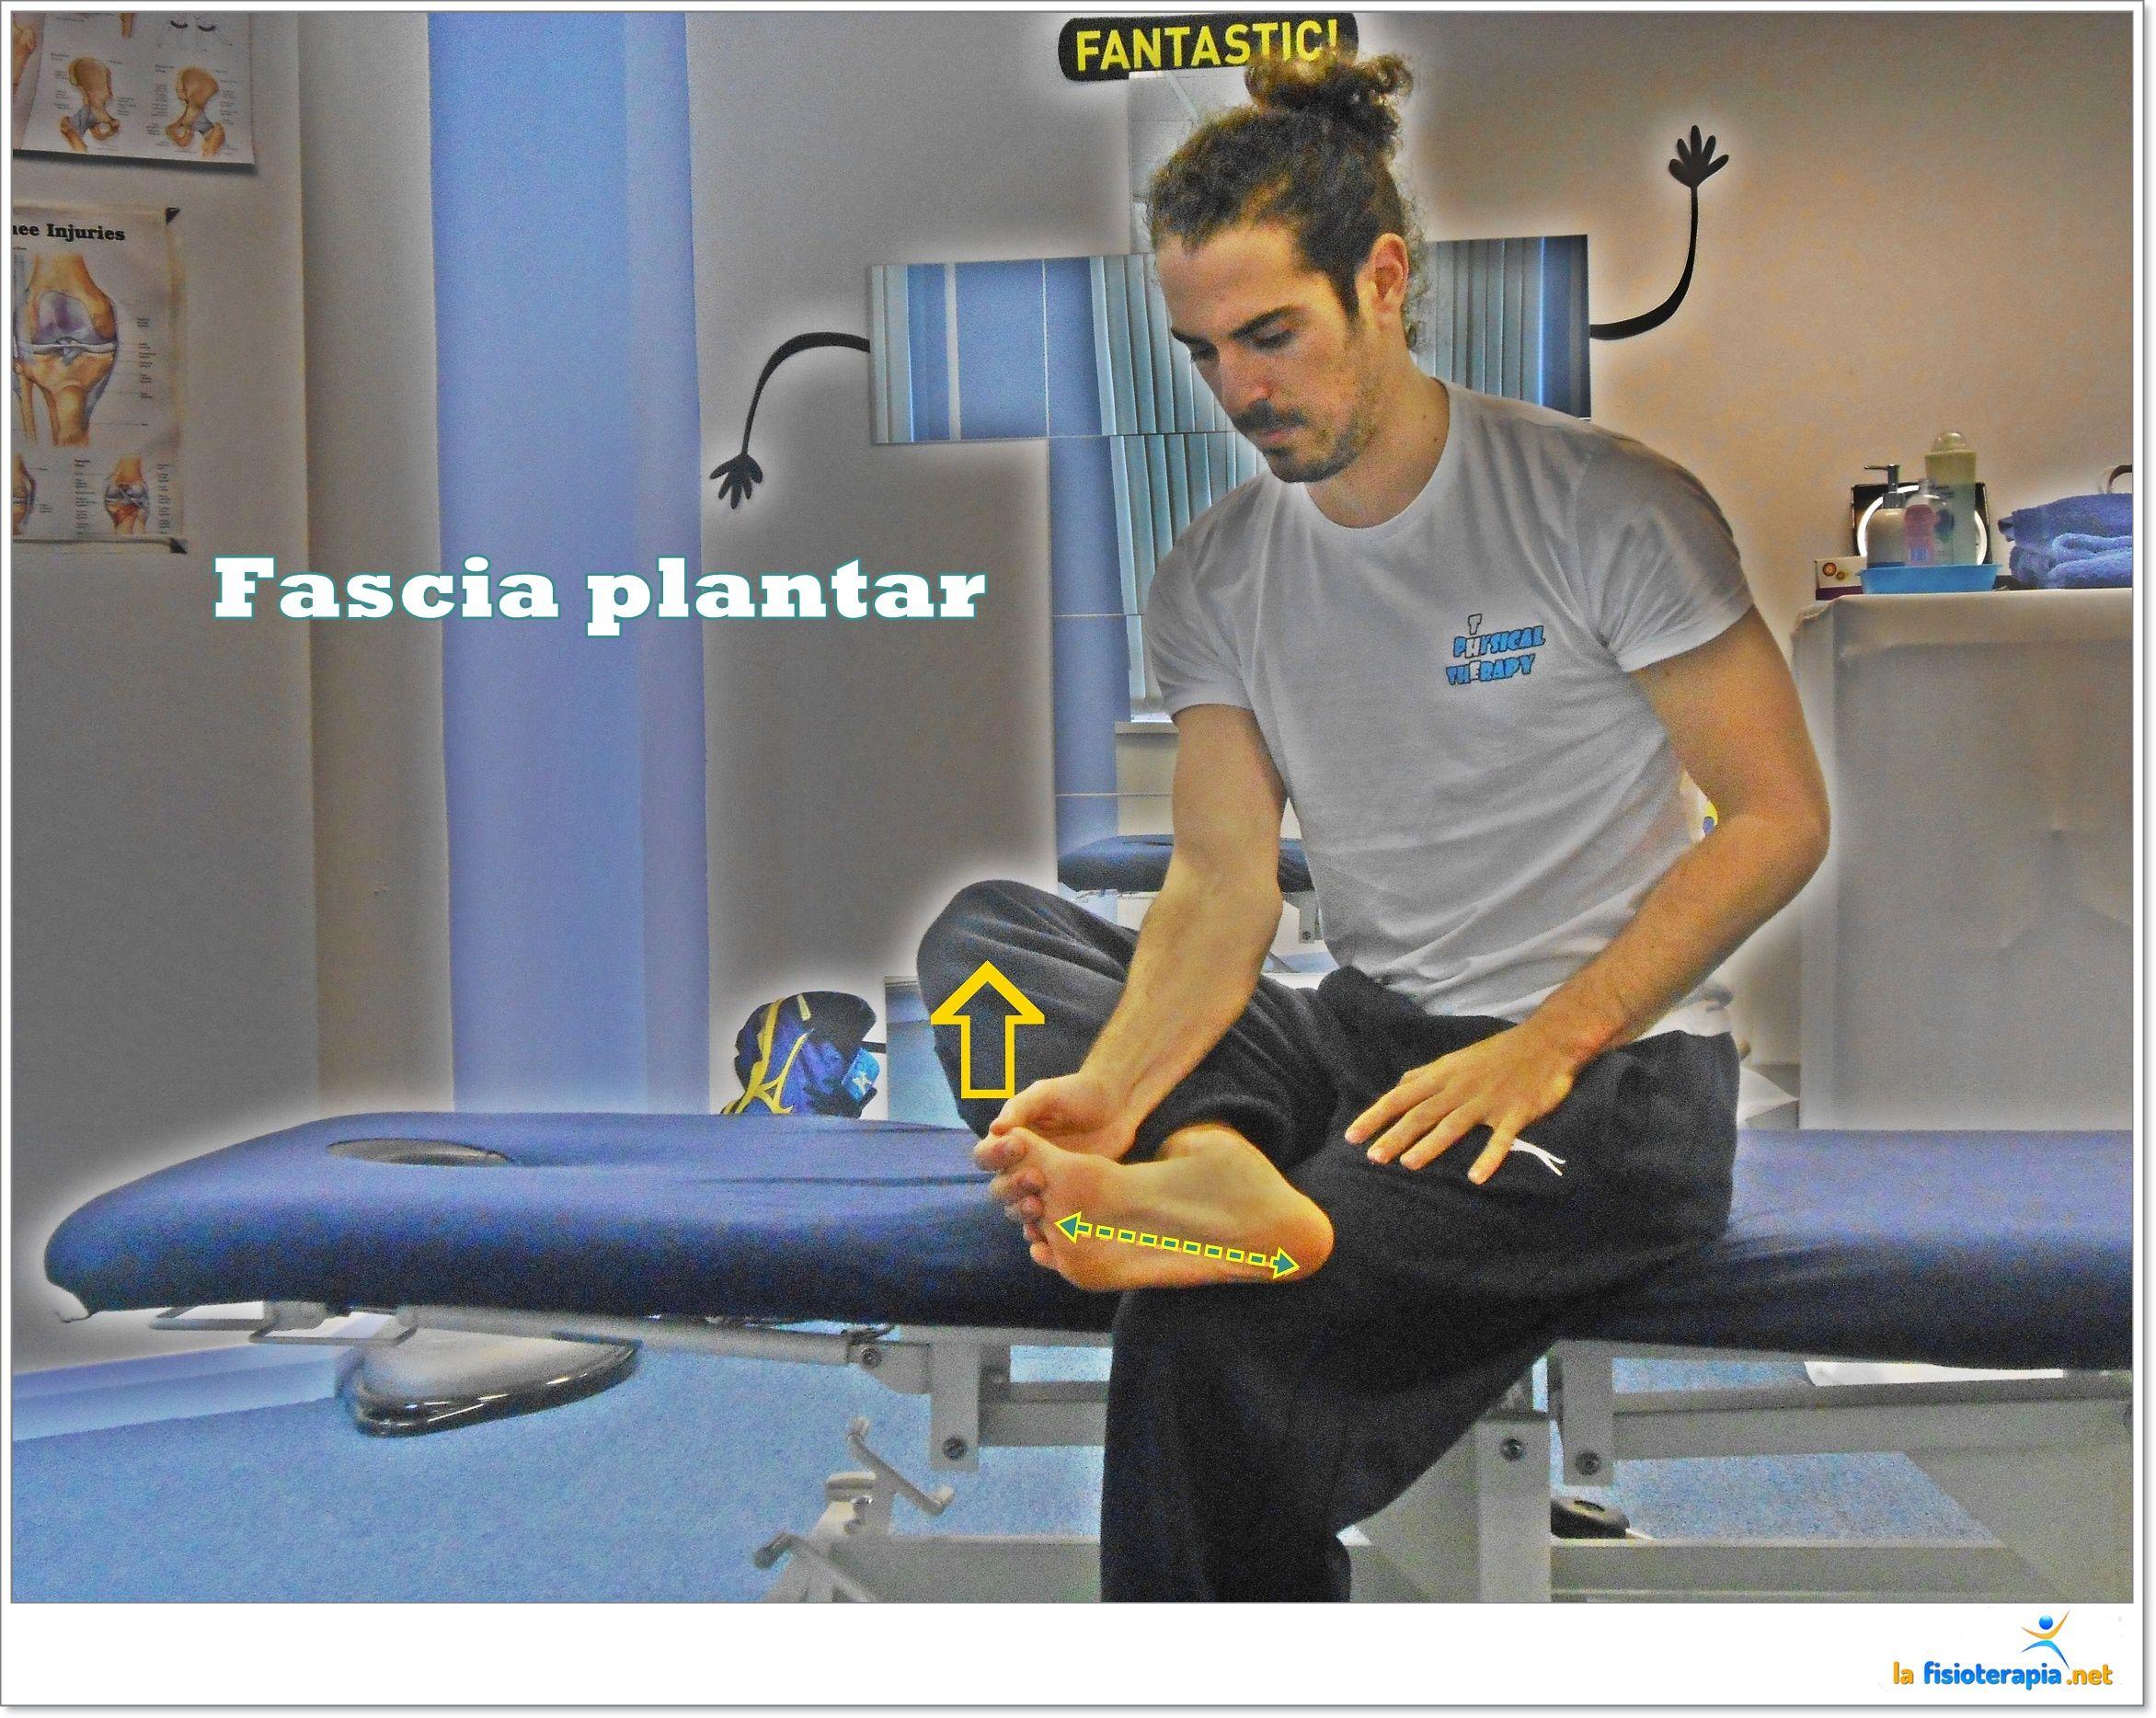 Estiramiento específico de la fascia plantar